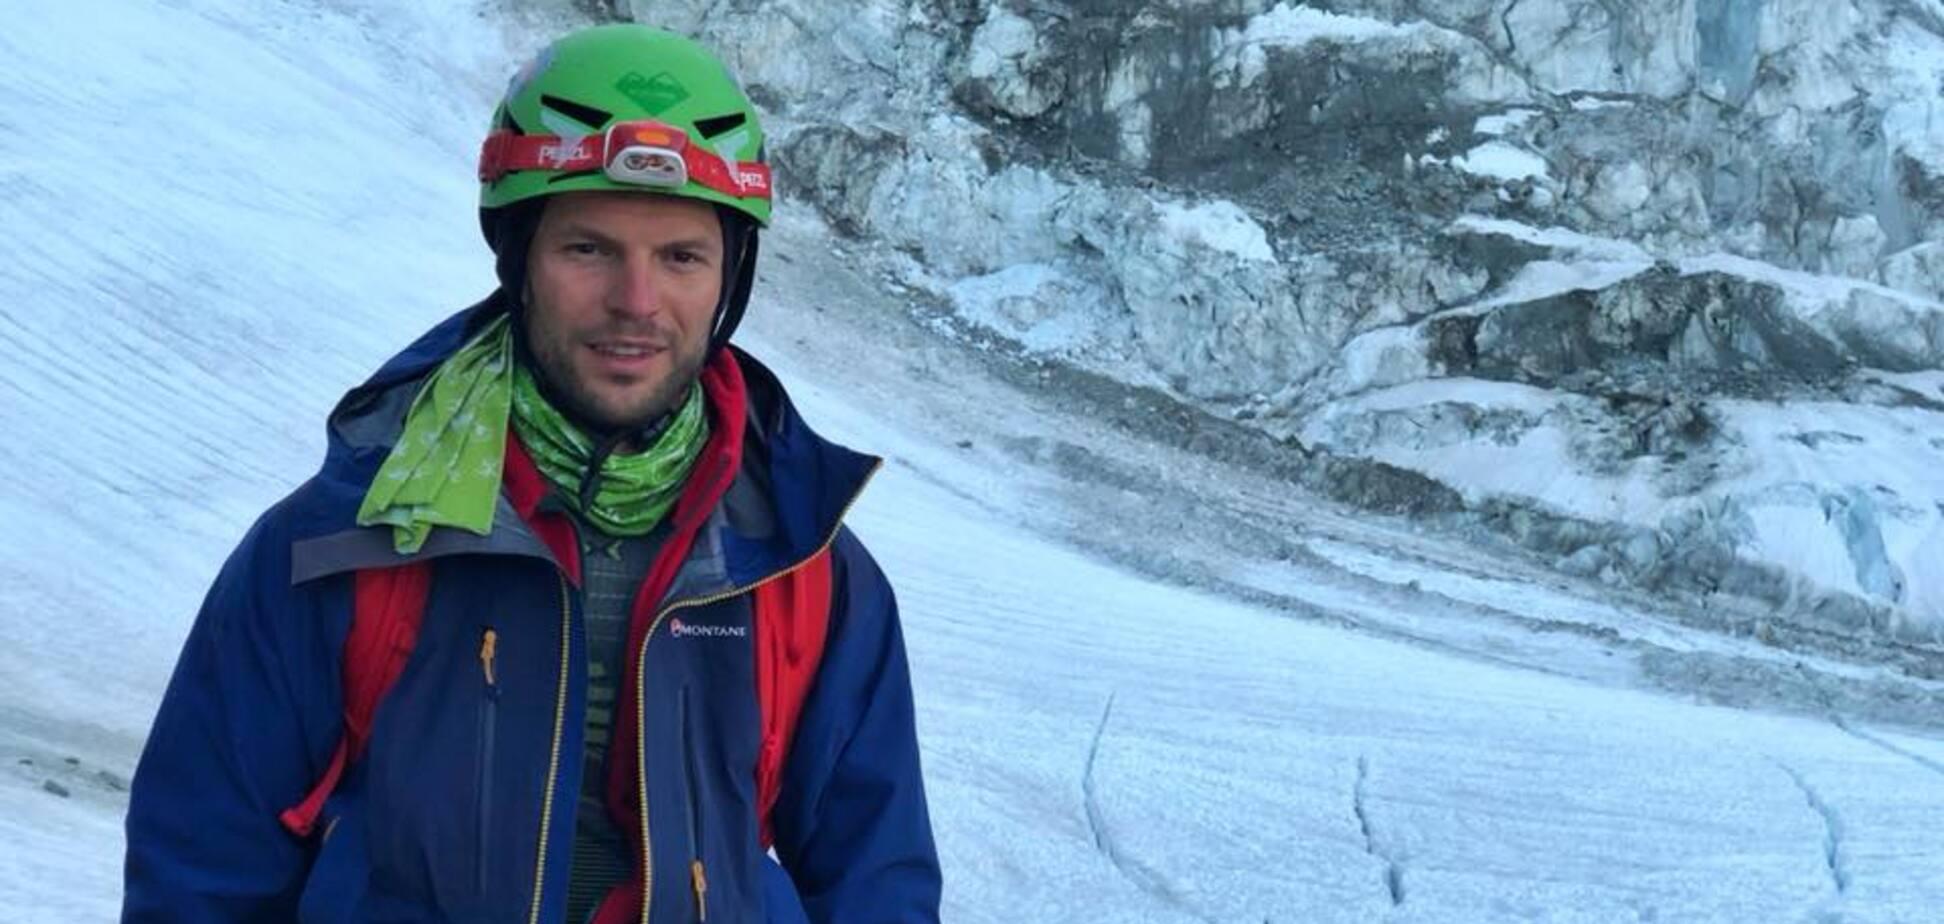 'Без сала там робити нічого': українець розповів про сходження на Еверест